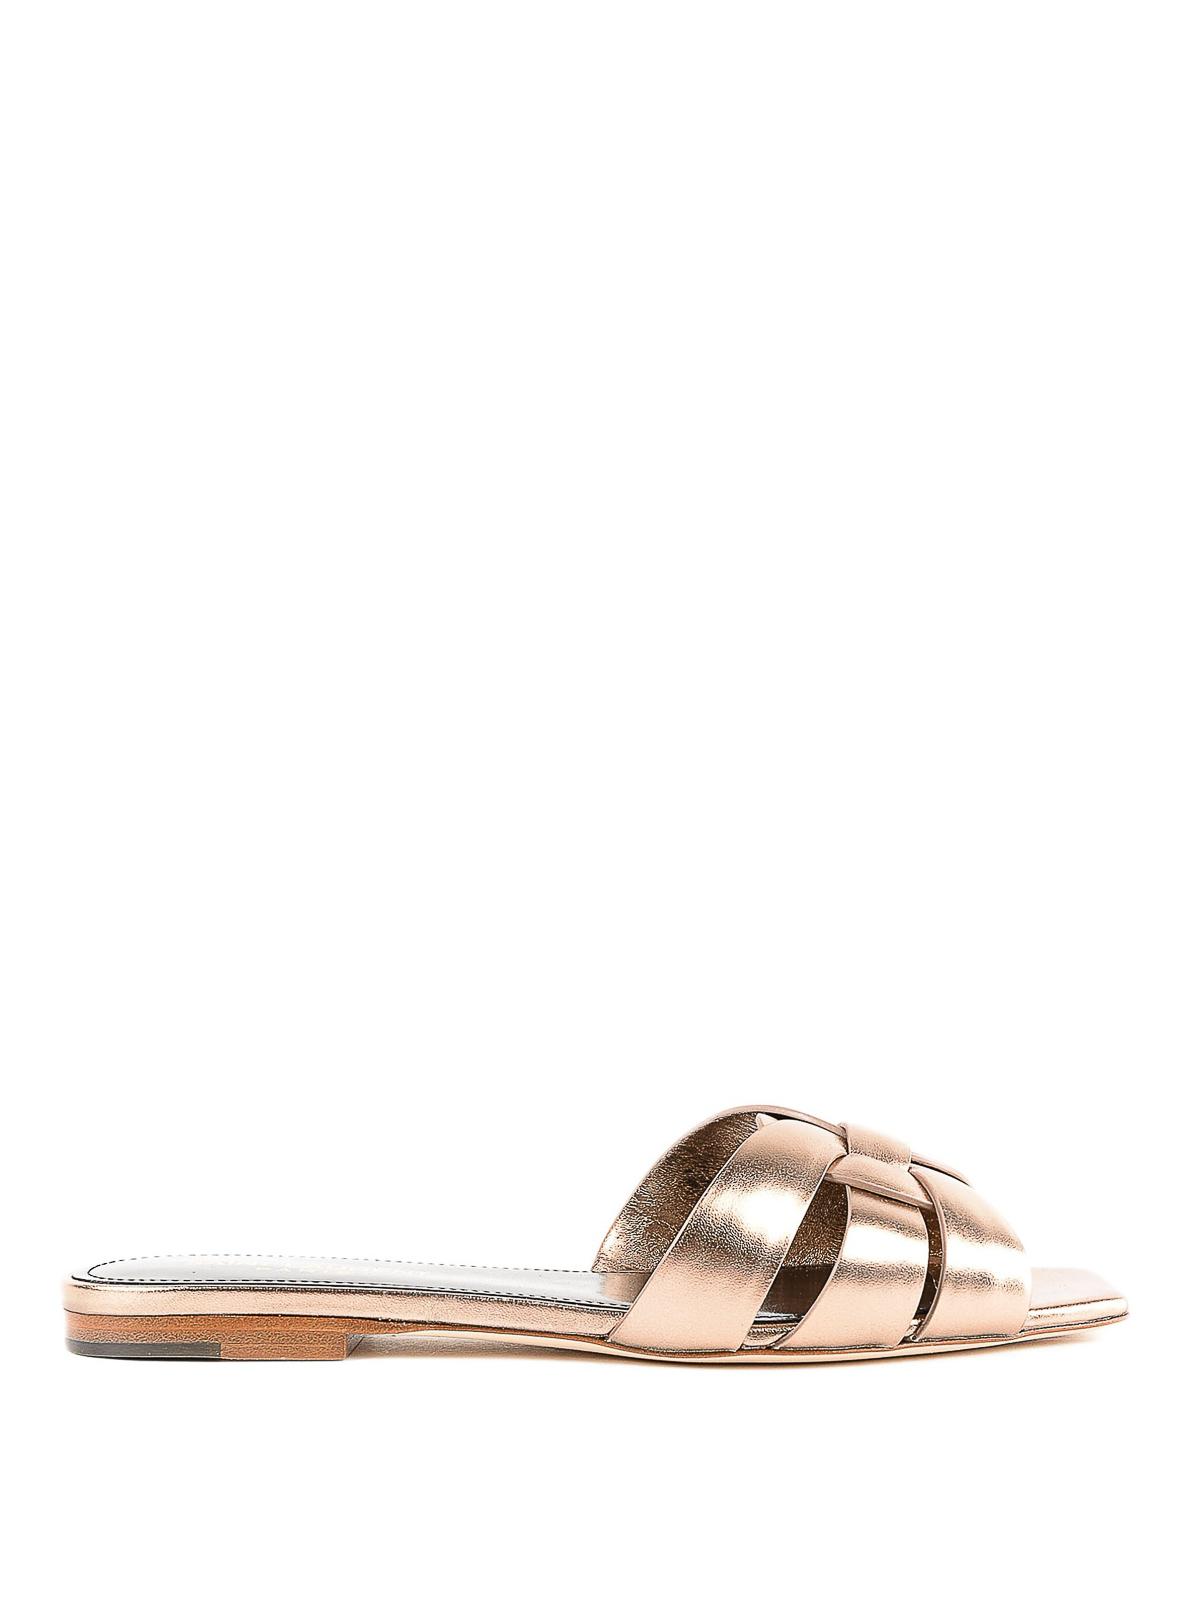 754042b5e4a Saint Laurent - Nu Pieds metallic leather slides - sandals - 527687 ...